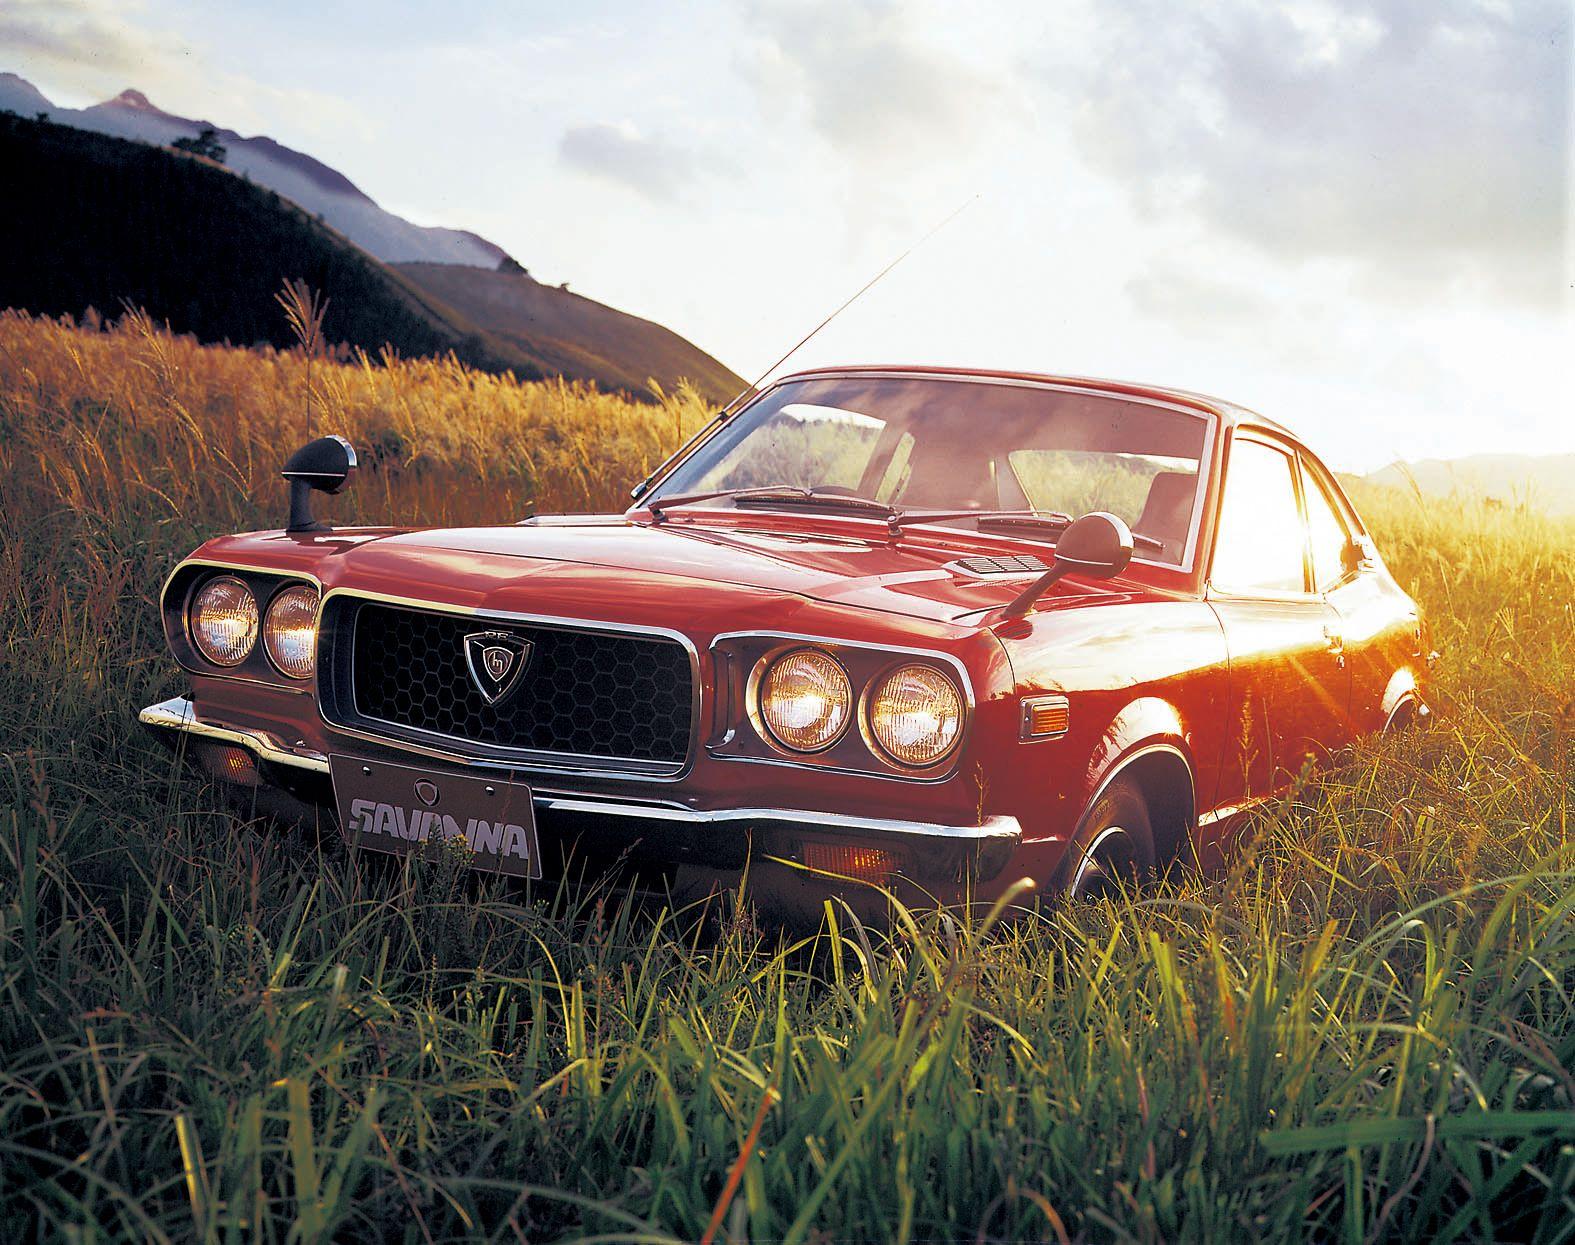 Mazda Savanna RX-3 1971